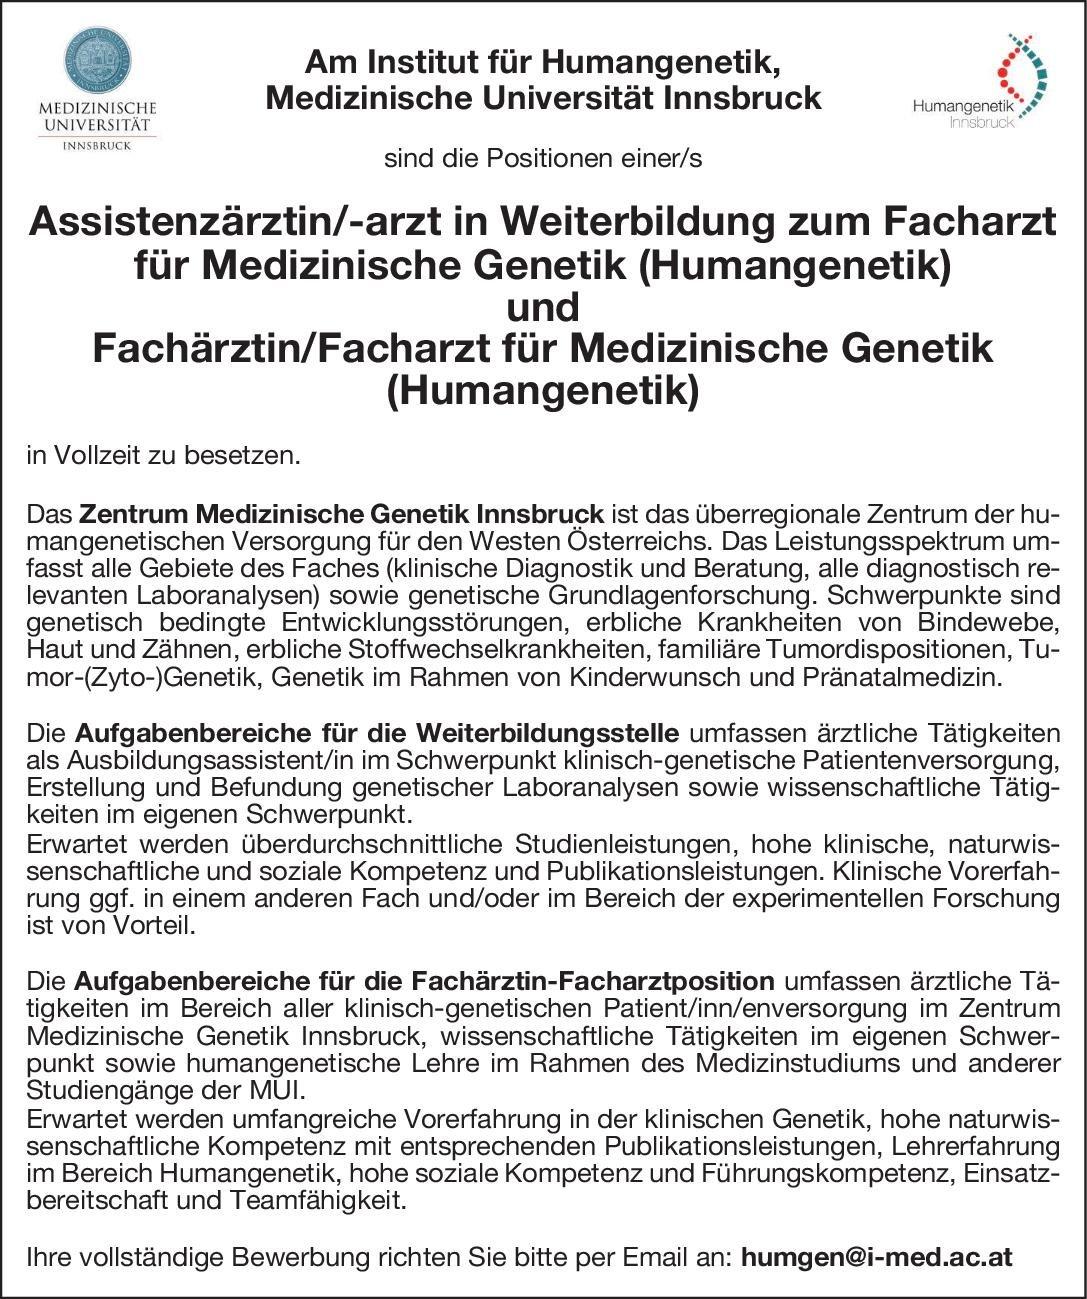 Medizinische Universität Innsbruck Fachärztin/Facharzt für Medizinische Genetik (Humangenetik) Humangenetik Arzt / Facharzt